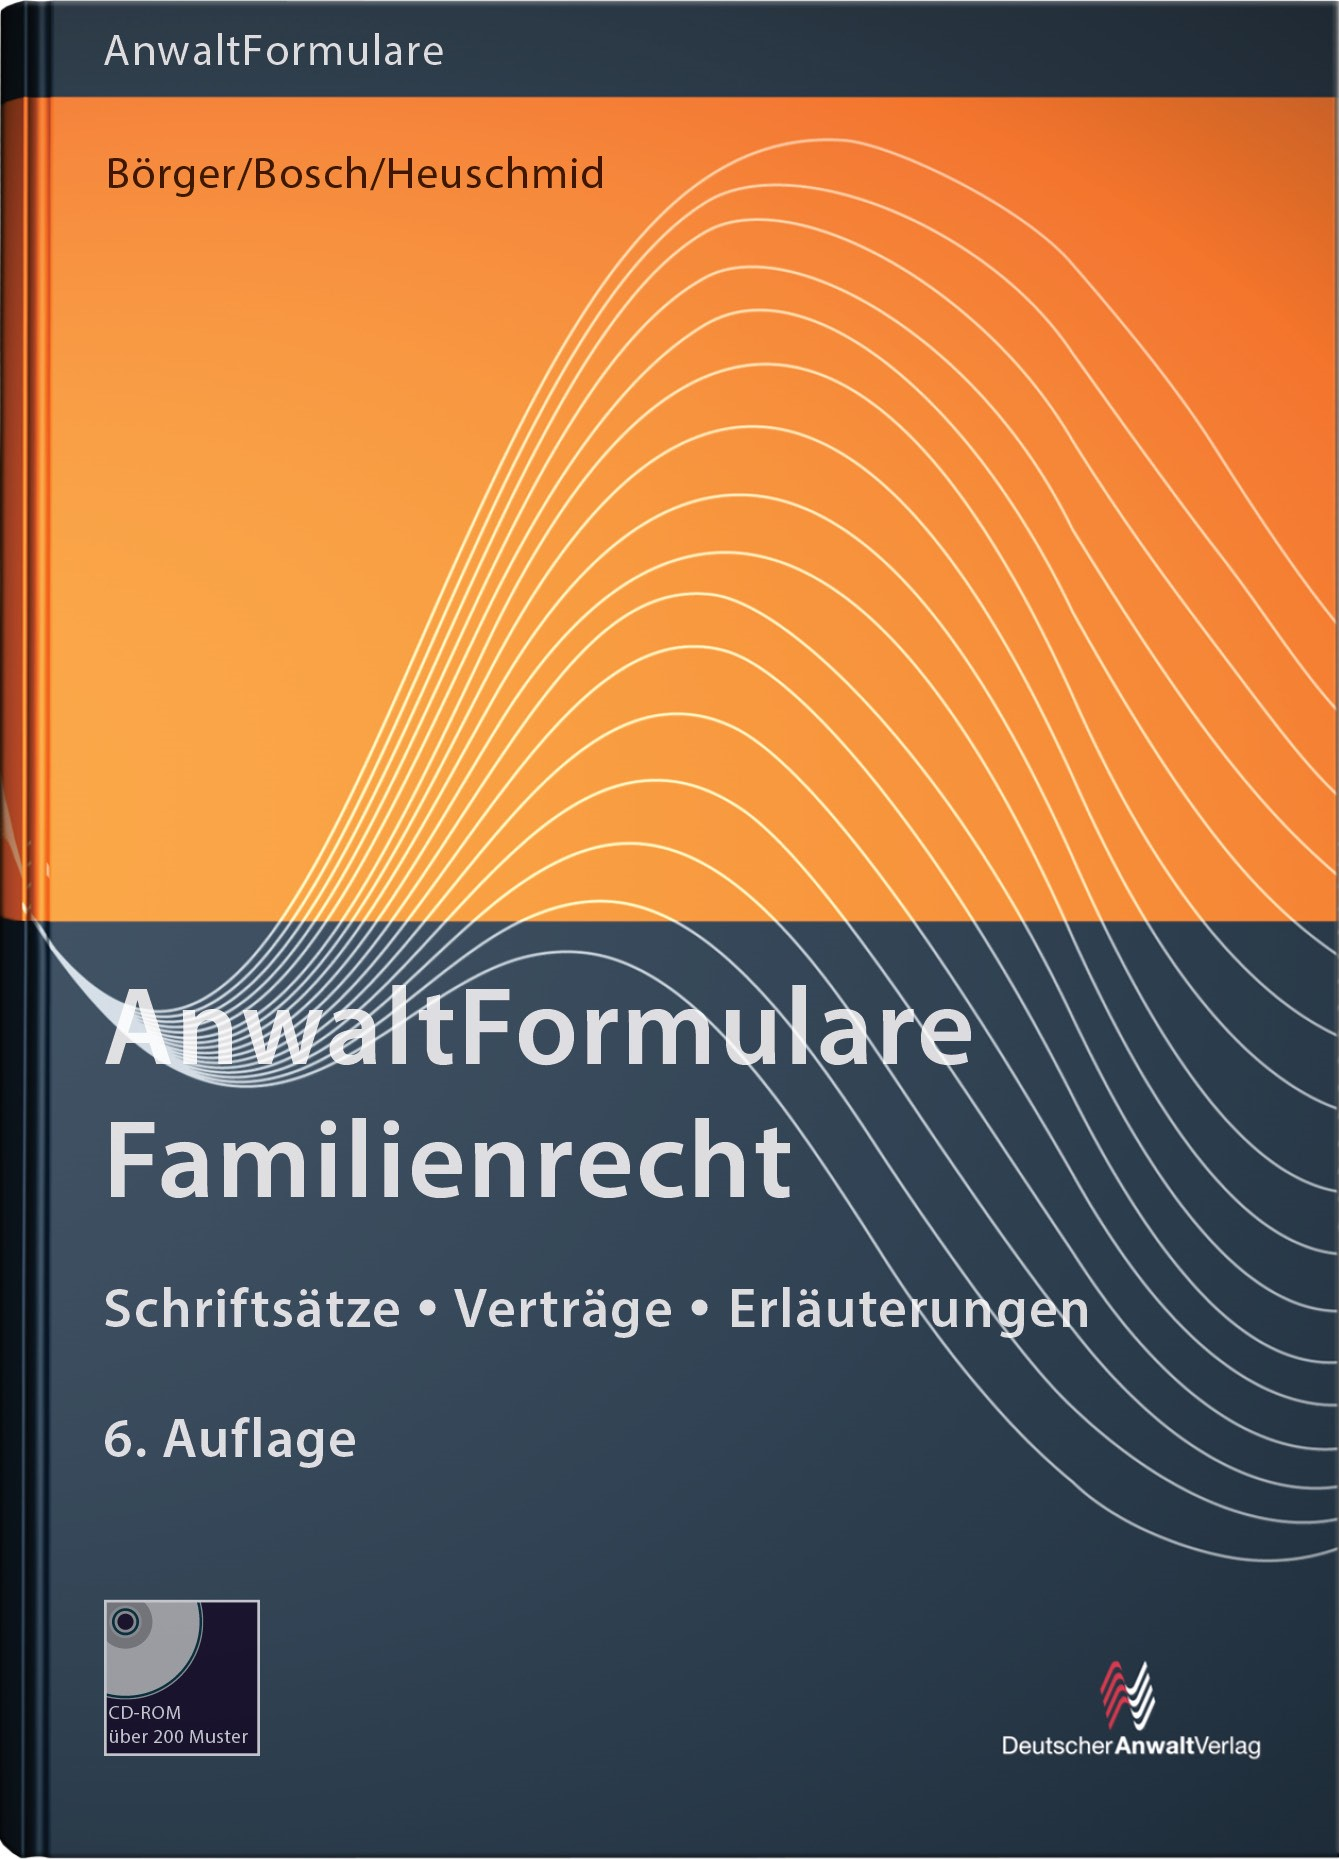 AnwaltFormulare Familienrecht | Börger / Bosch / Heuschmid | 6. Auflage, 2015 (Cover)